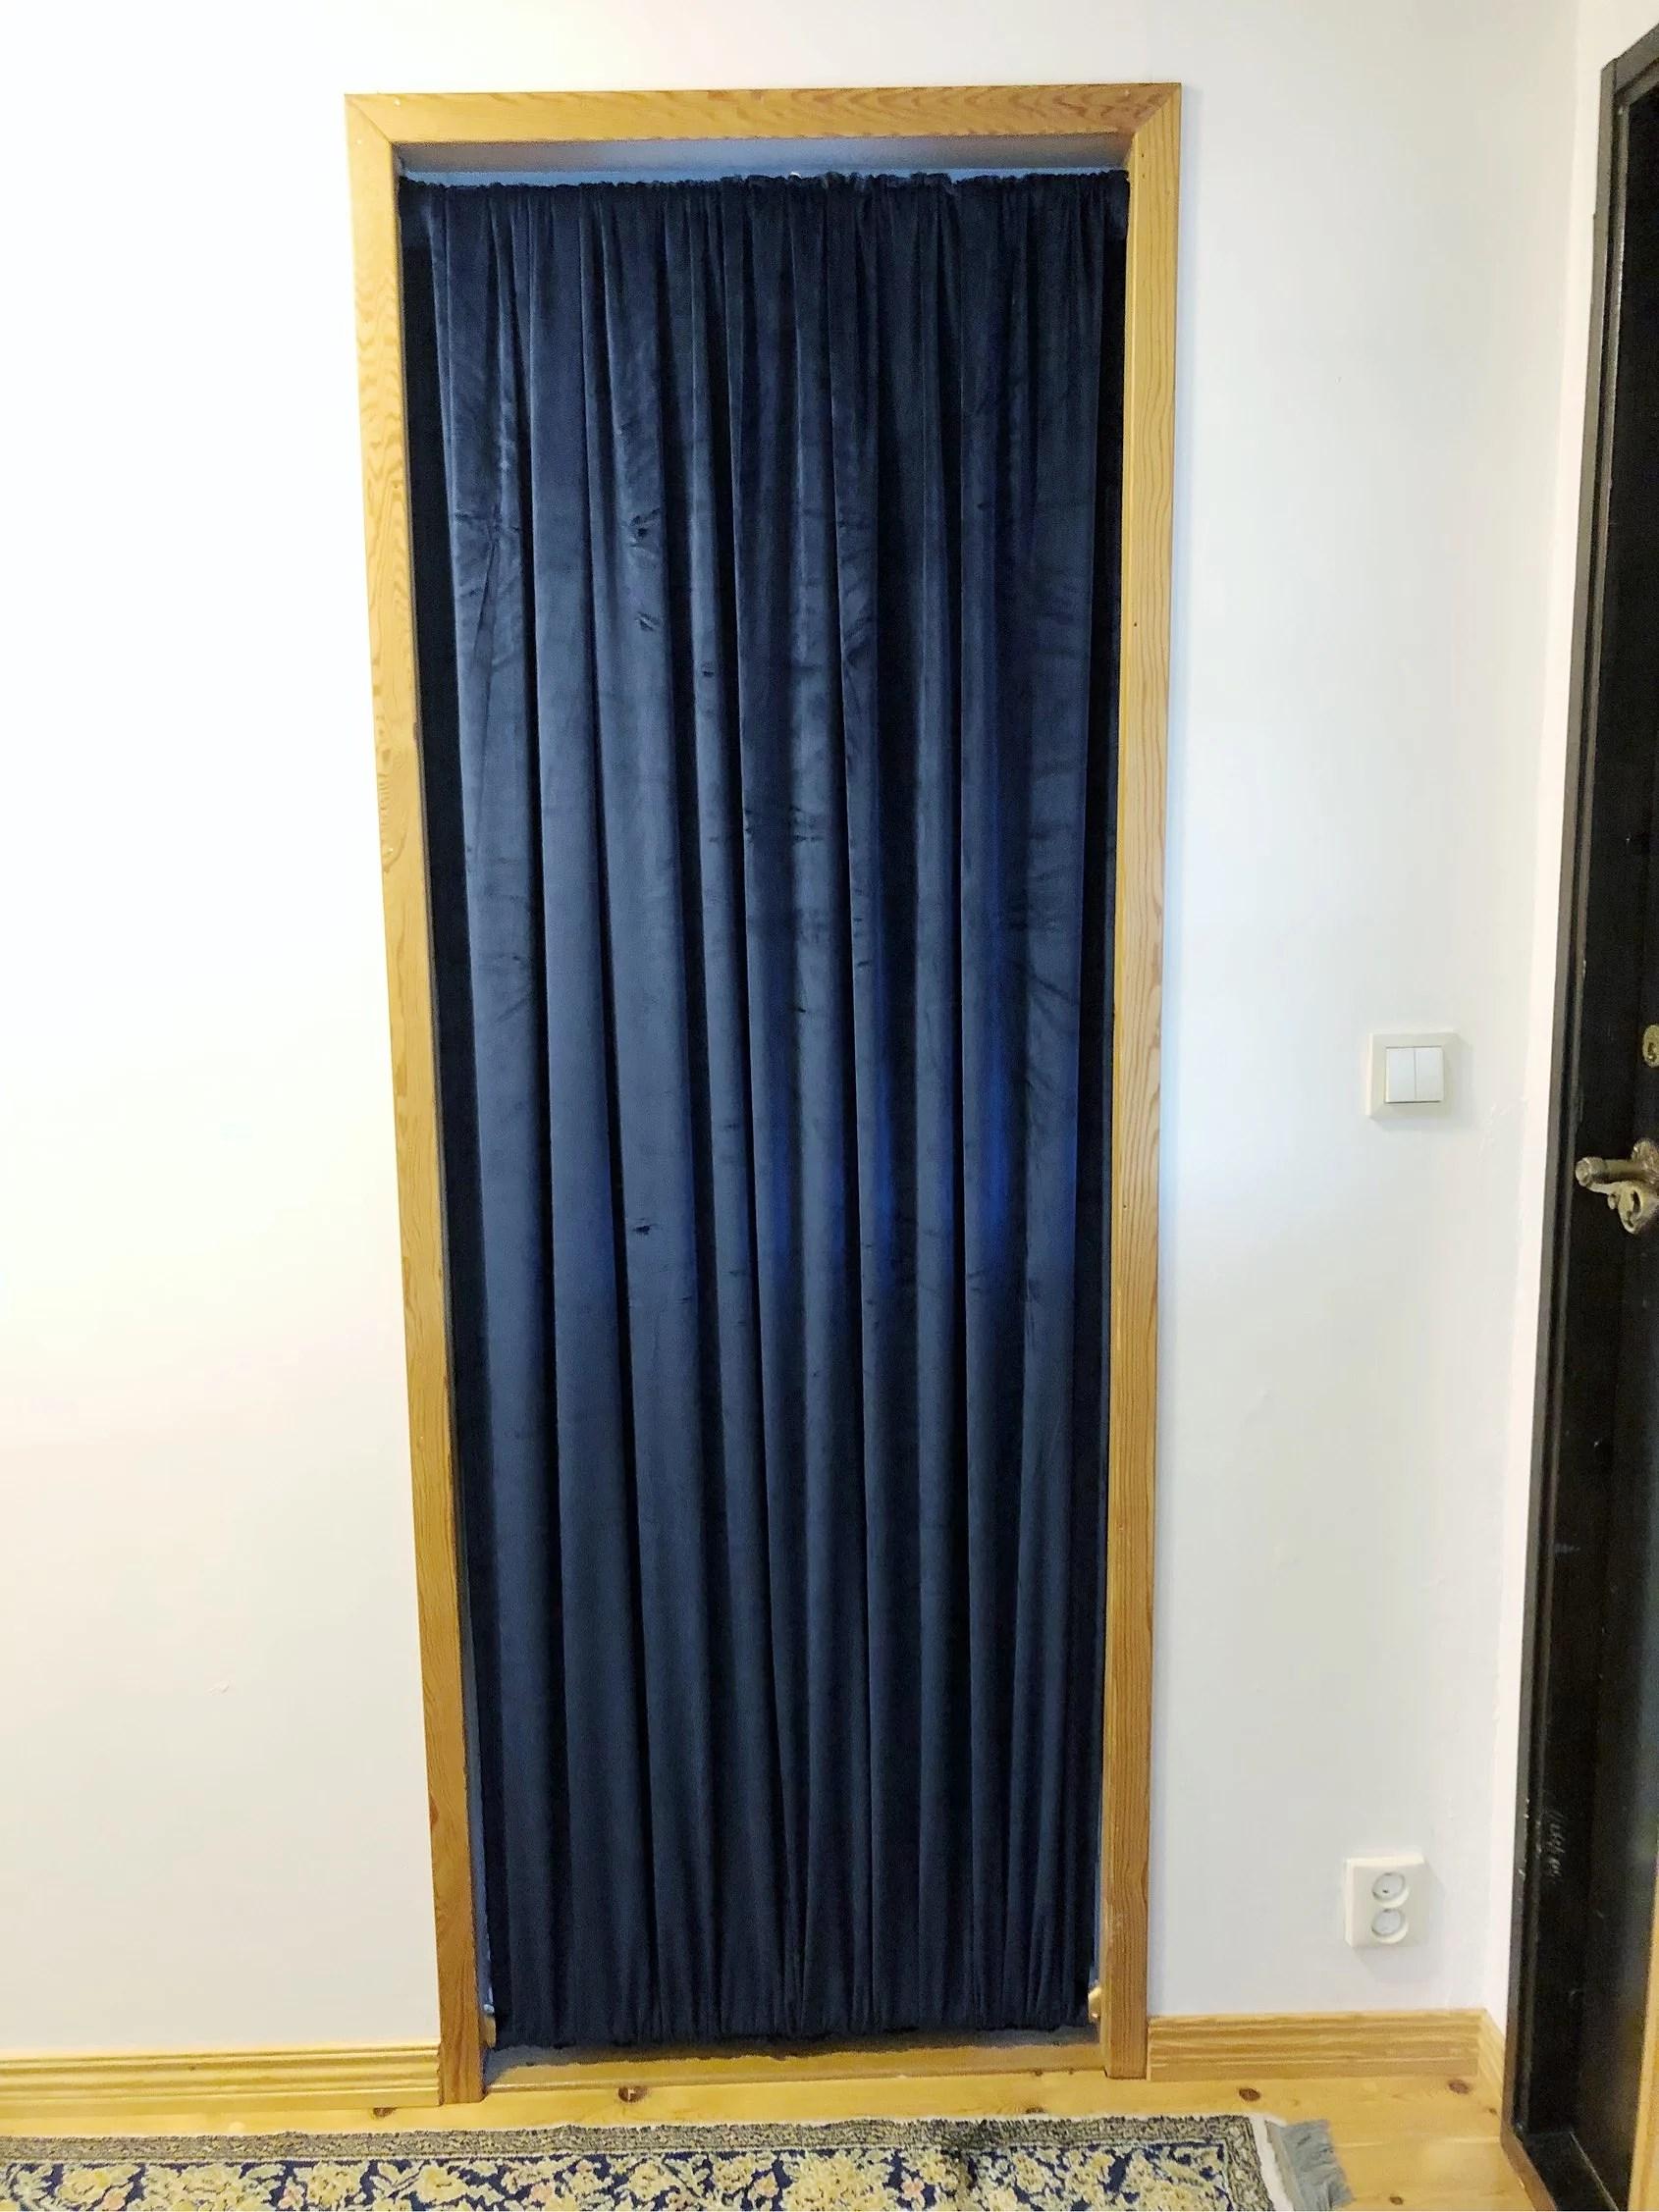 Satt igen en dörr!